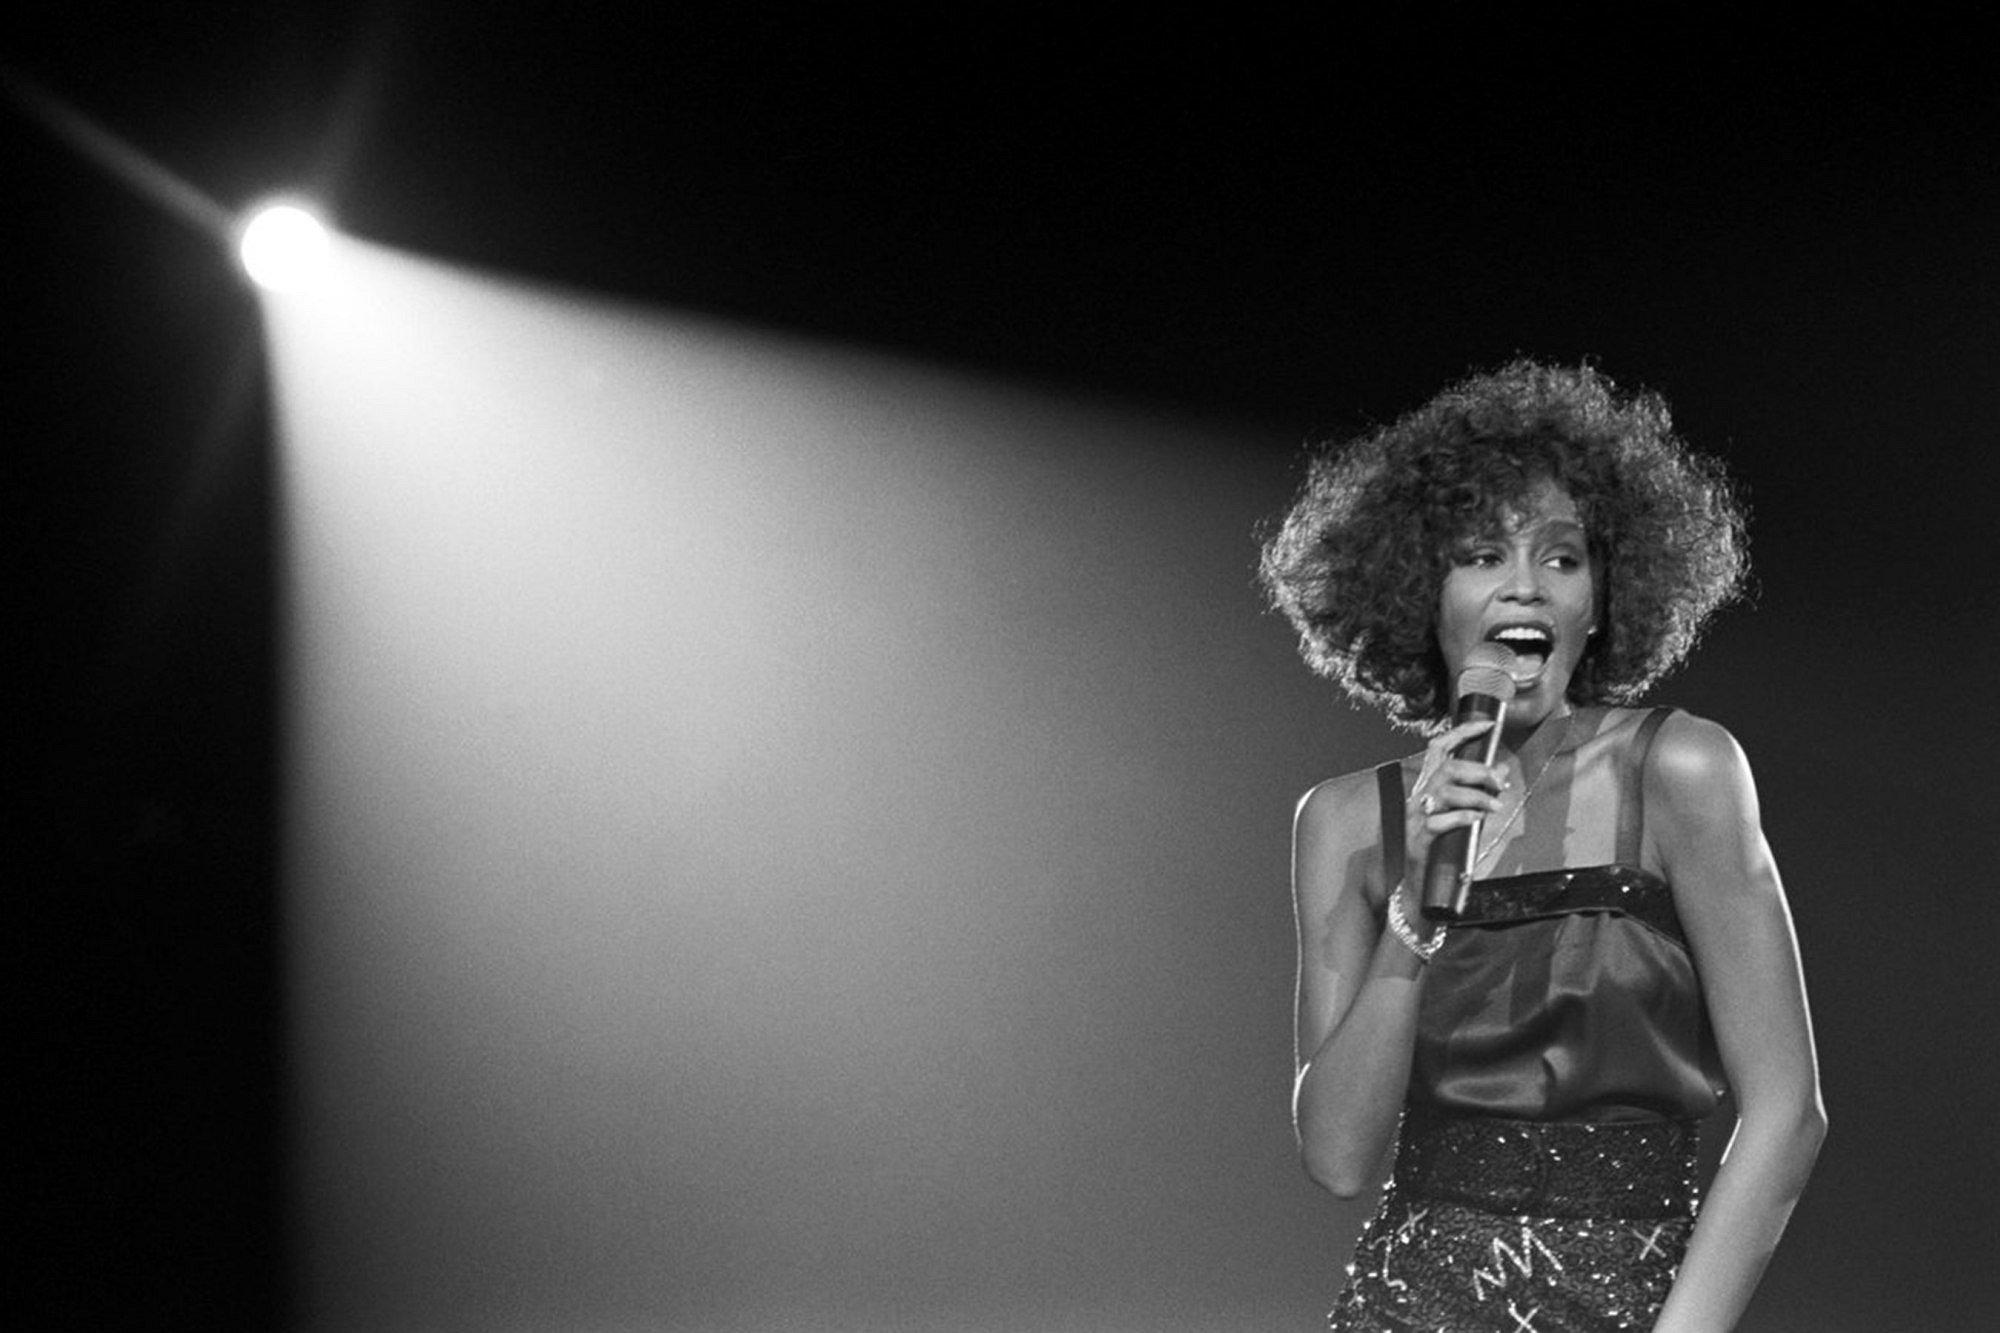 Recensie | 'Whitney: Can I Be Me' vertelt over het tumultueuze leven van een legendarische artiest